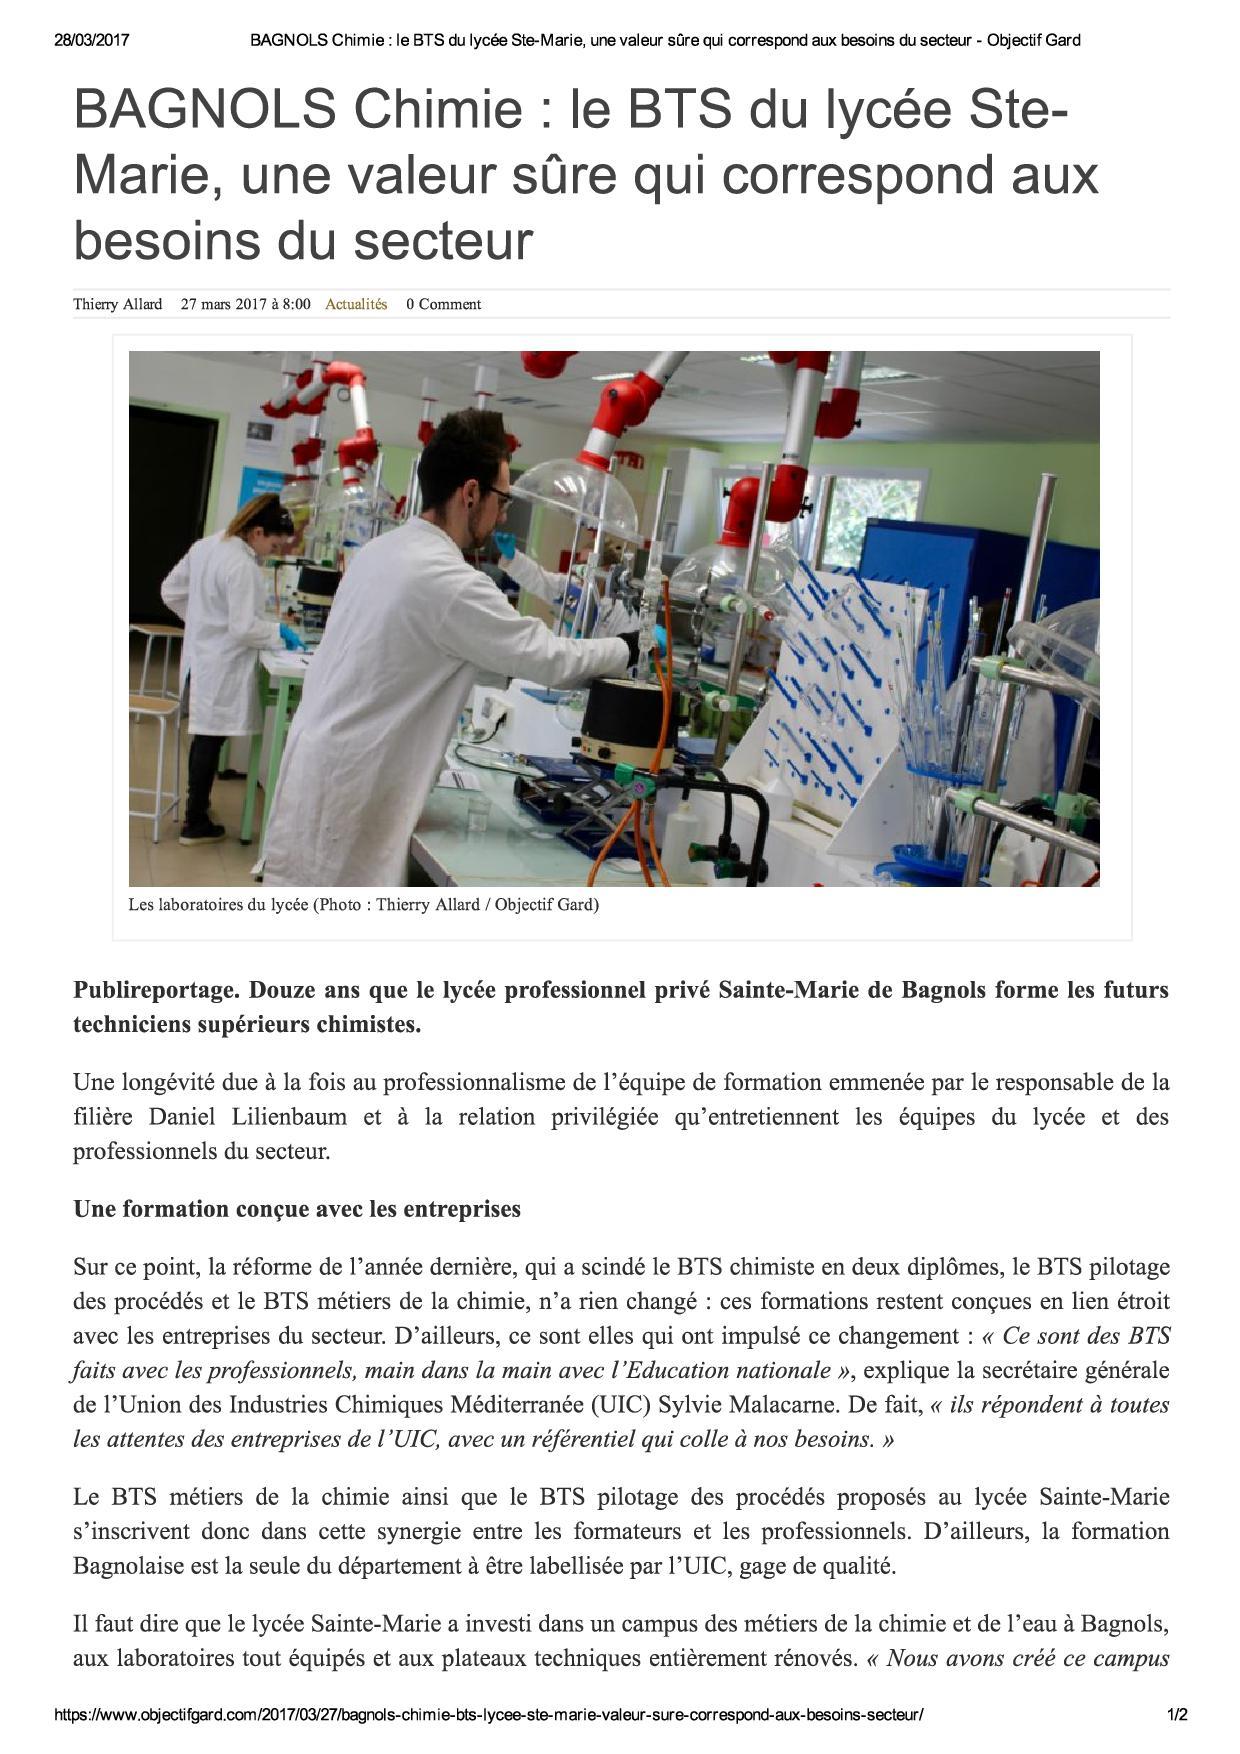 BAGNOLS Chimie _ le BTS du lycée Ste-Ma...aux besoins du secteur - Objectif Gard